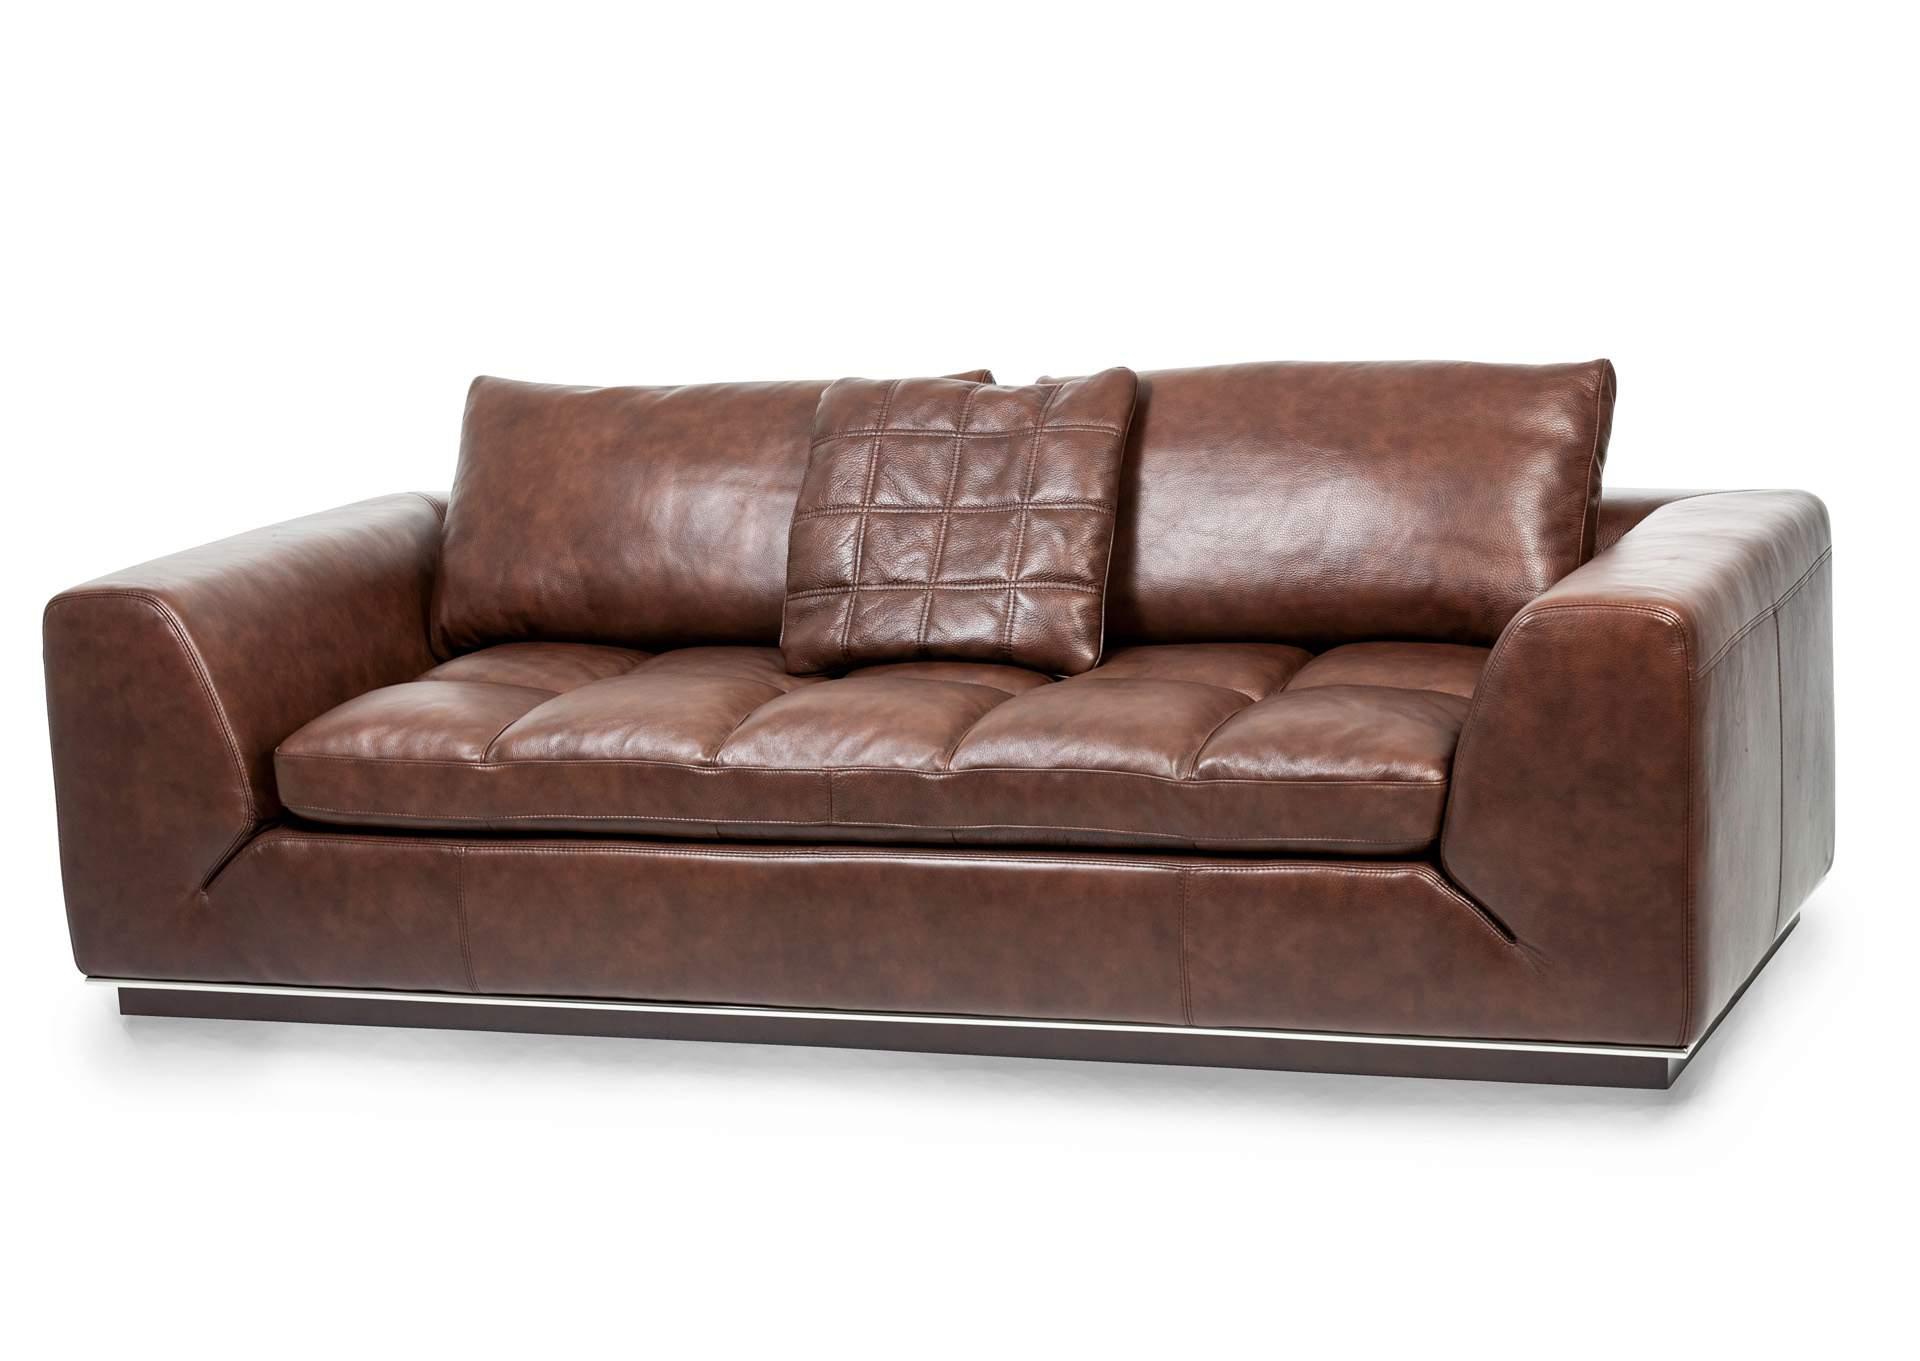 Bon Rosato Cordovan Leather Sofa,AICO